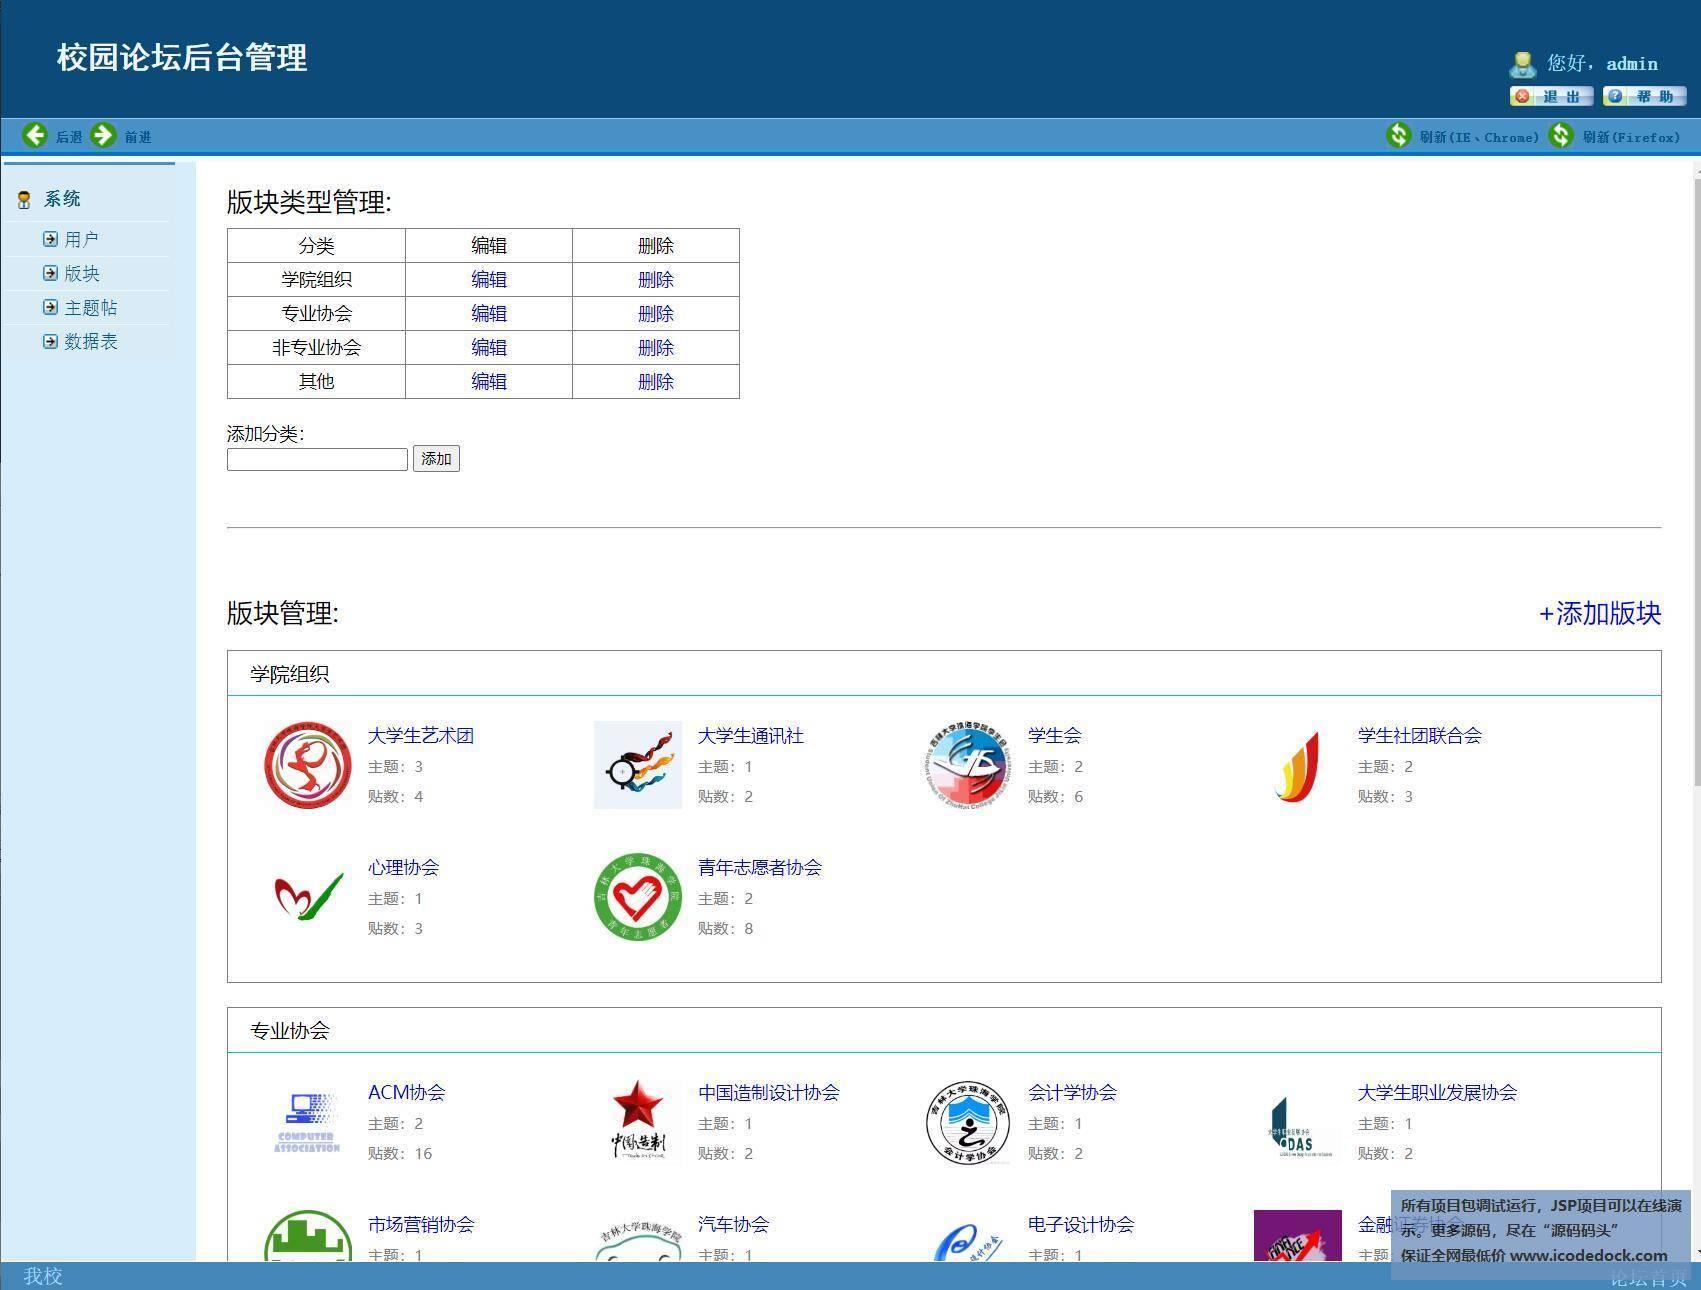 源码码头-JSP校园论坛管理系统-管理员角色-版块管理